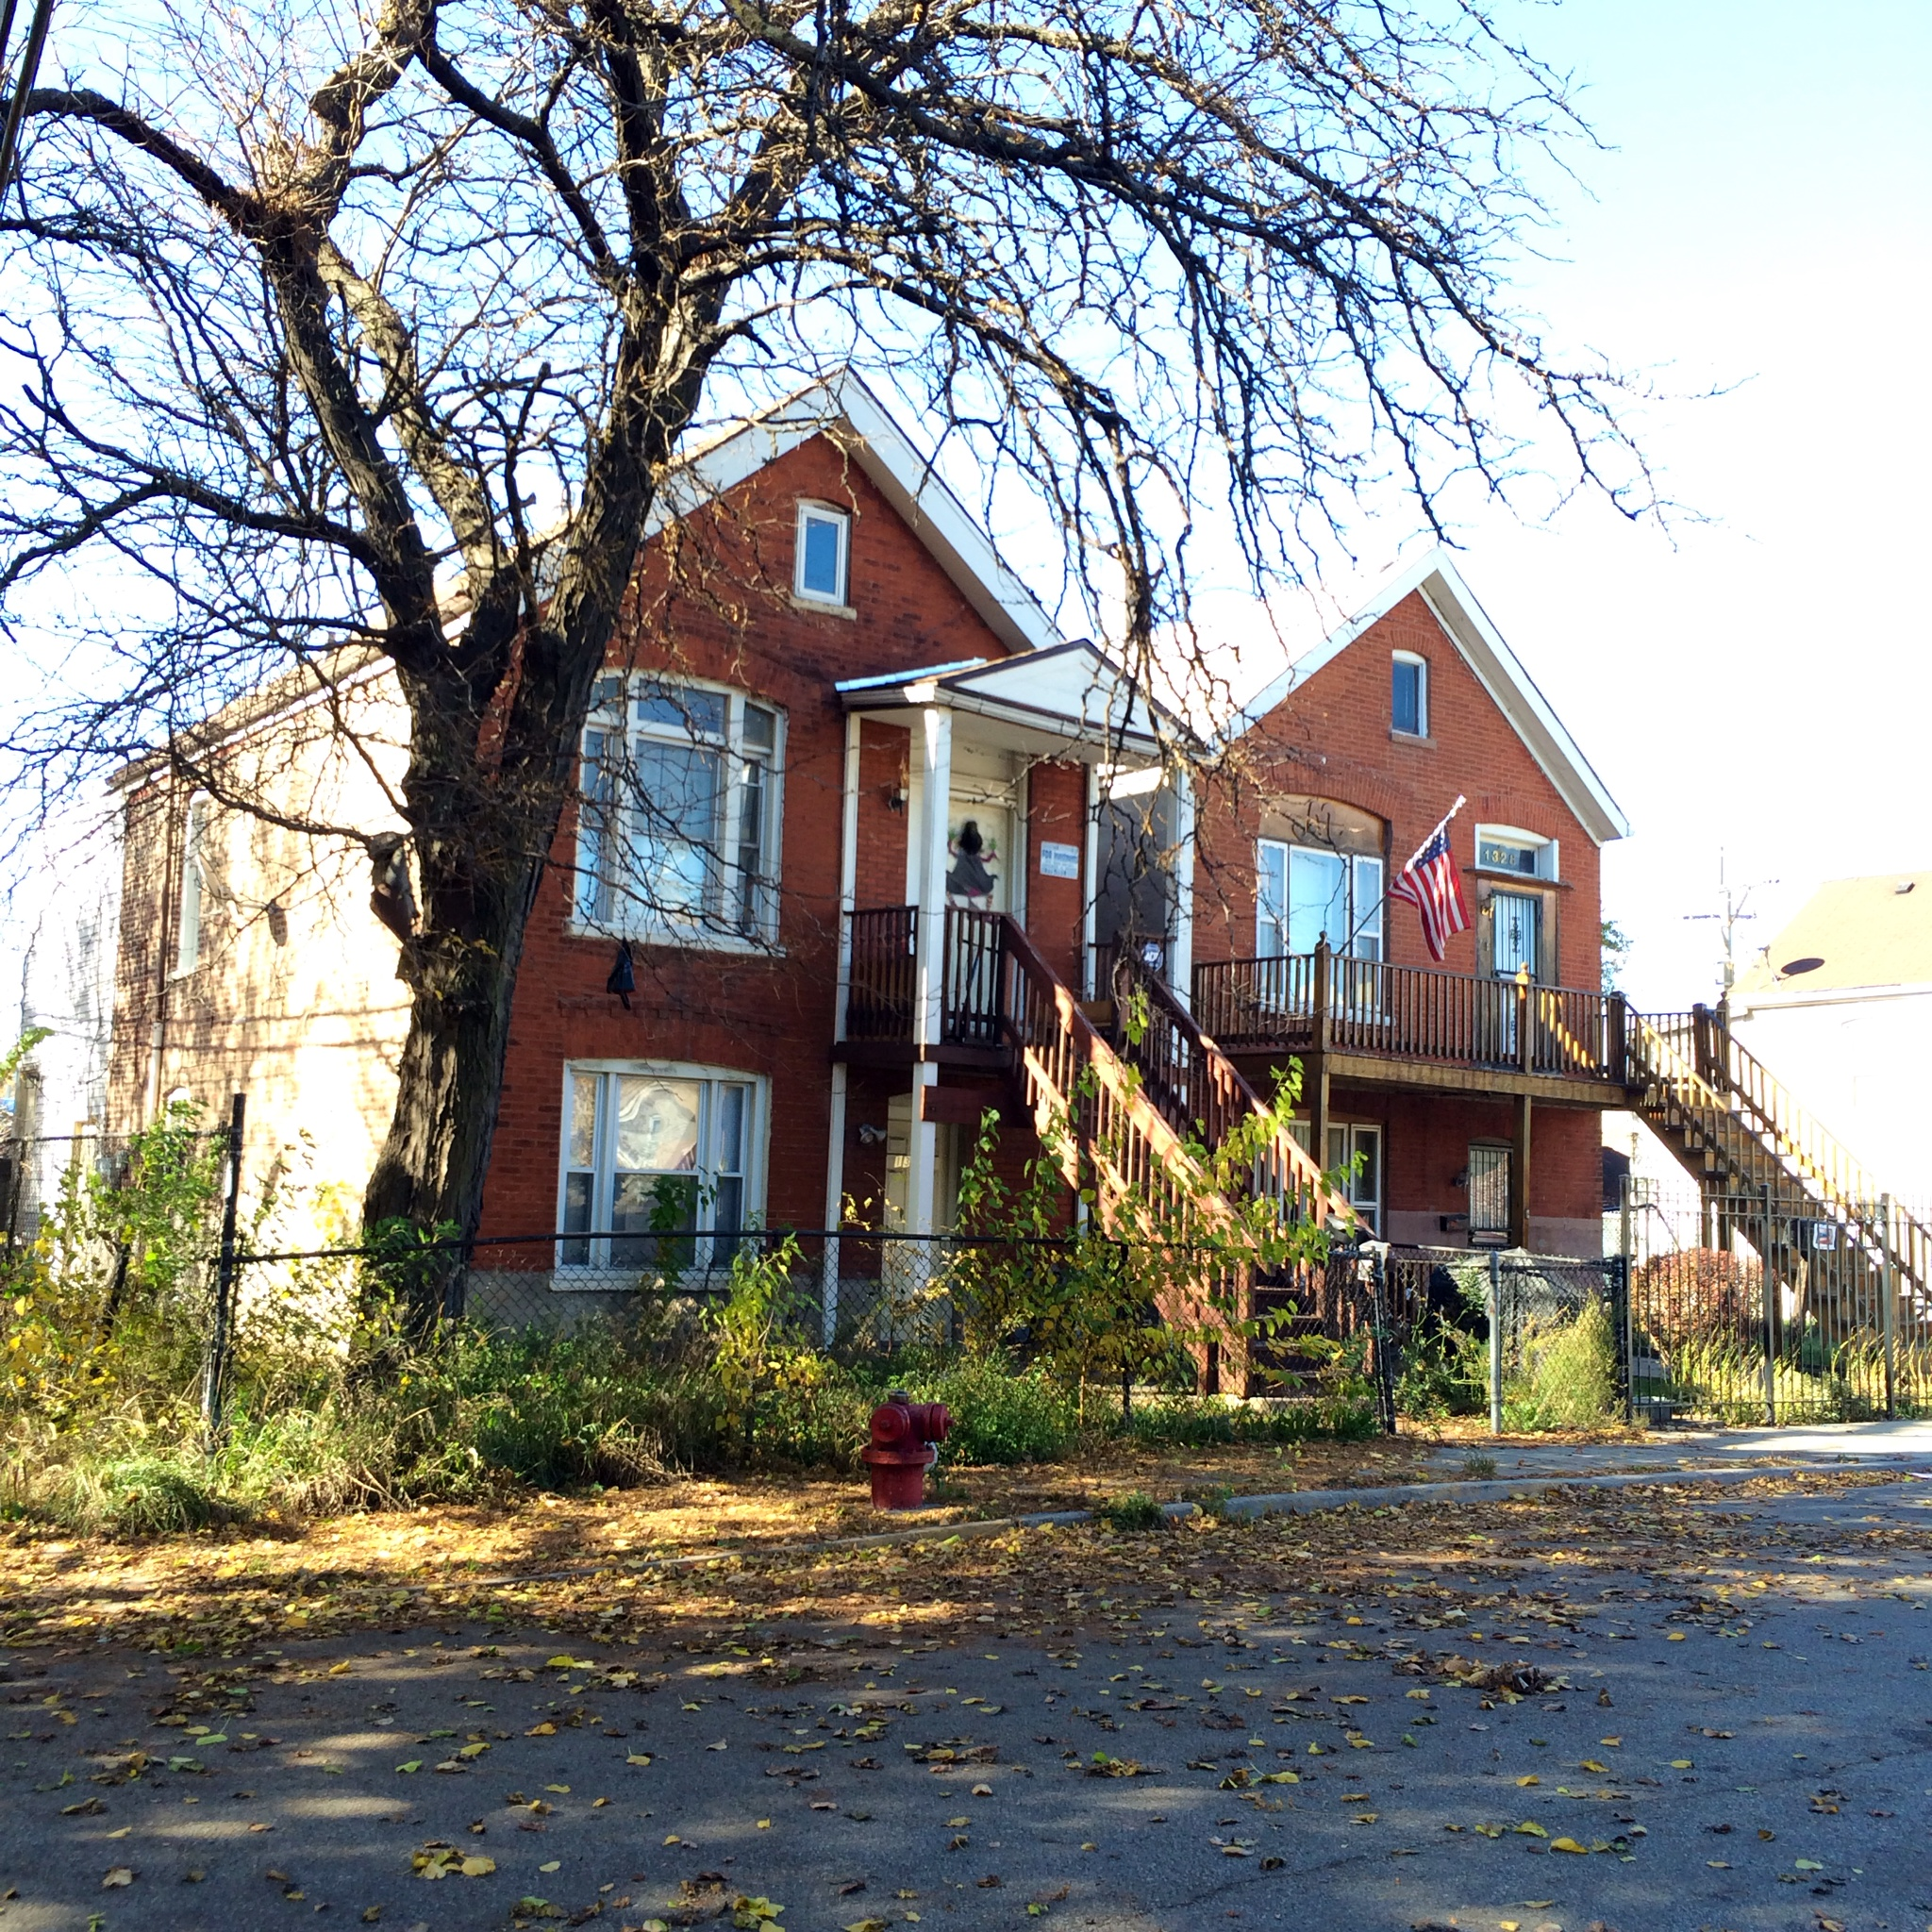 Clairmont Cottages Birmingham Al: Old Buildings, New Tricks: Workman's Cottages On Claremont